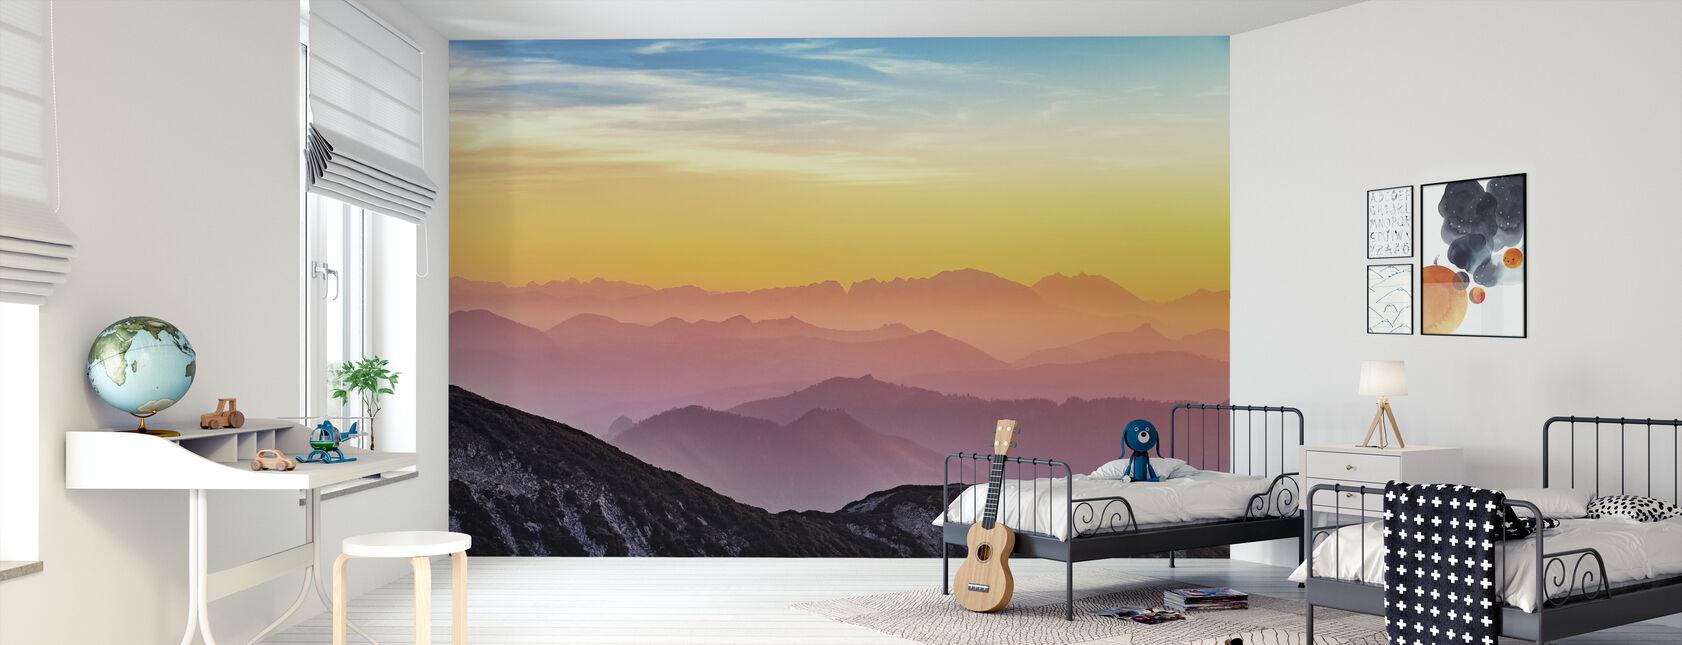 Uitzicht op de bergen - Behang - Kinderkamer